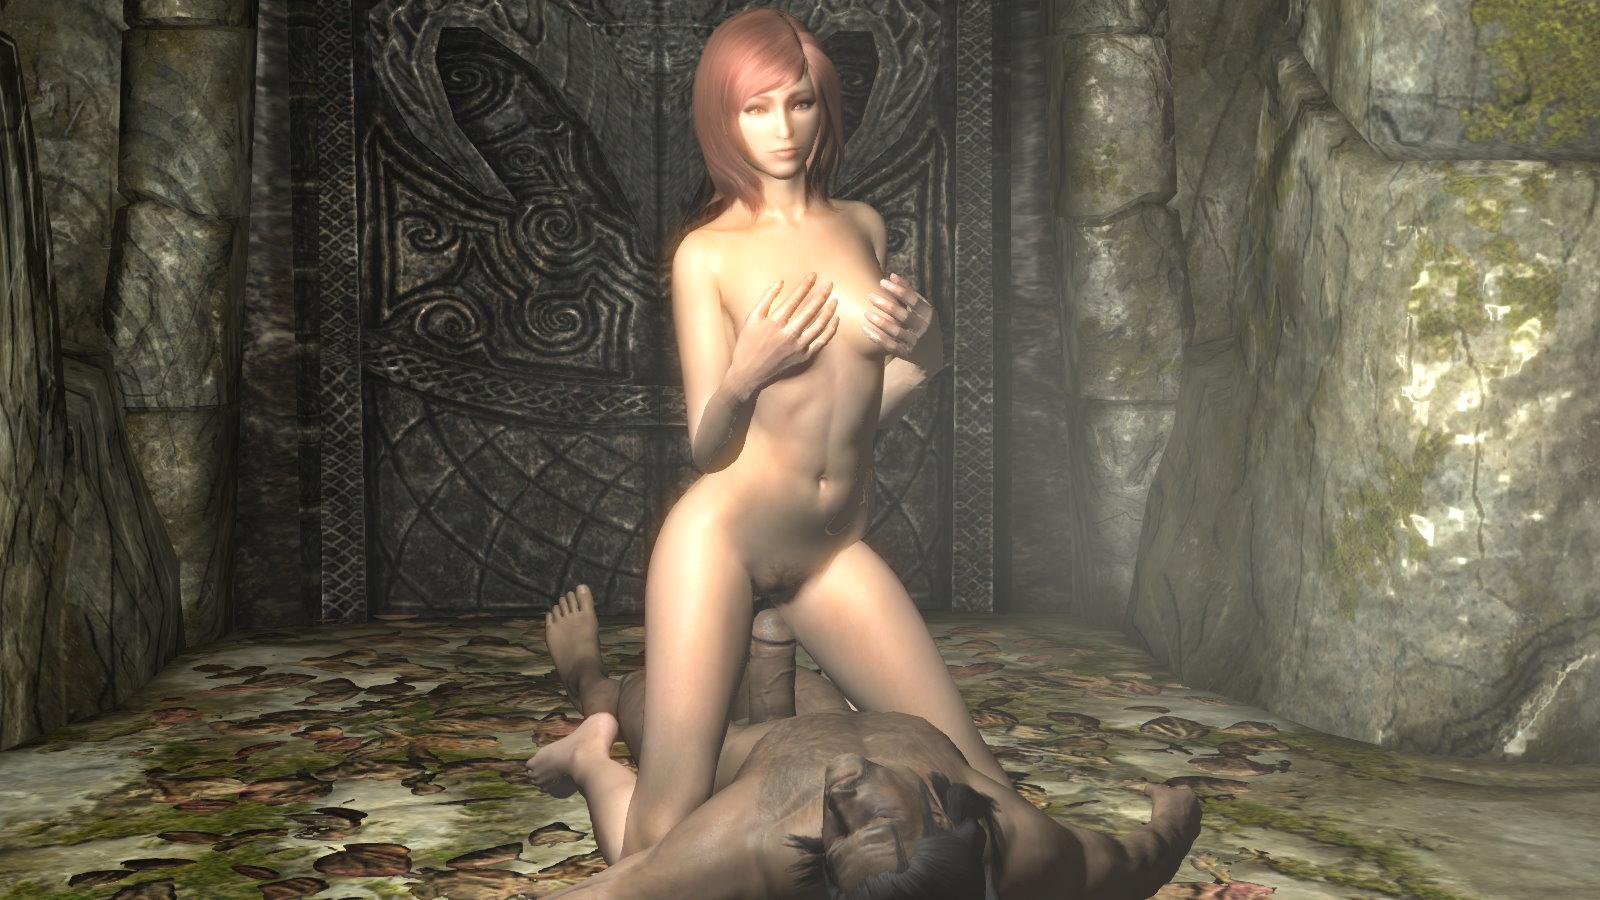 seks-s-zhenoy-v-skayrime